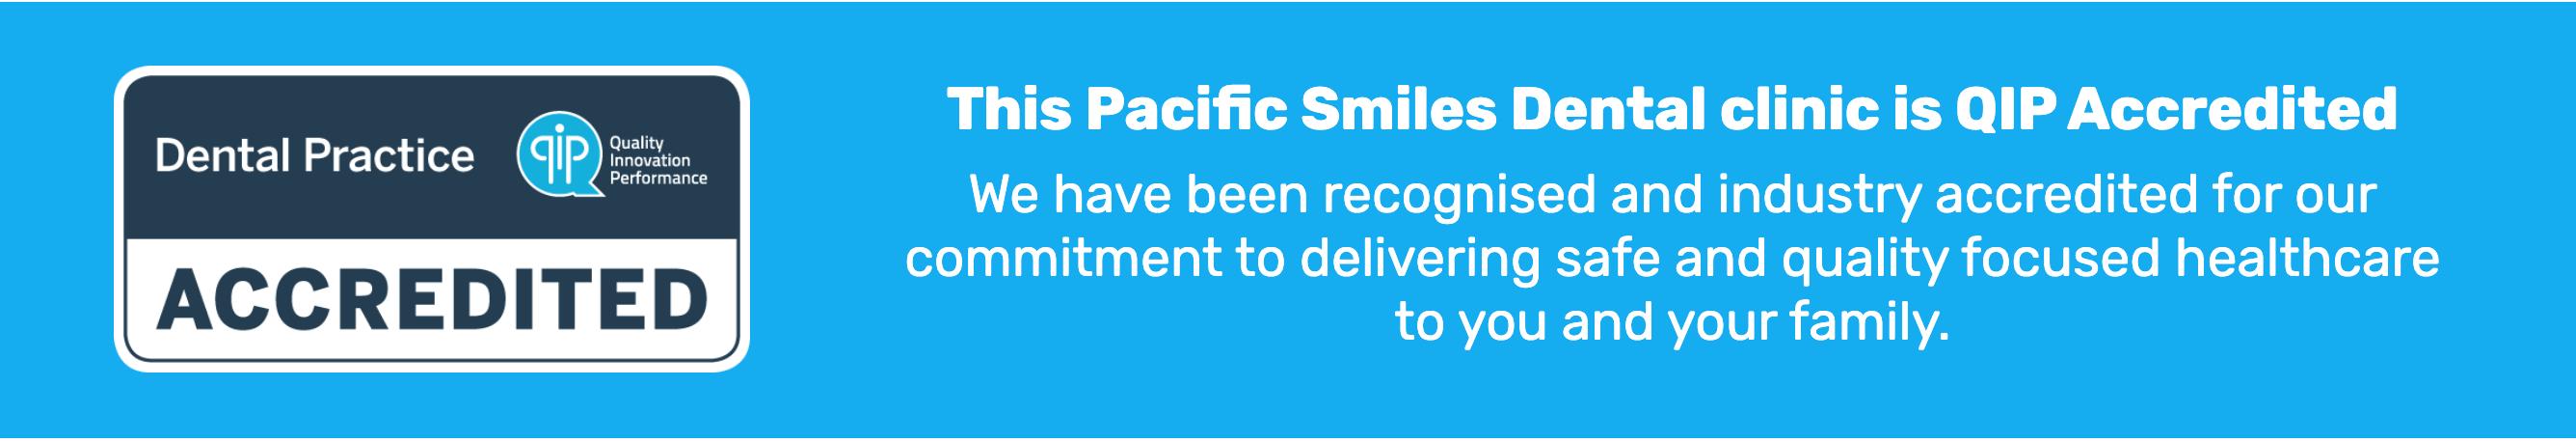 Pacific Smiles Dental, Buddina